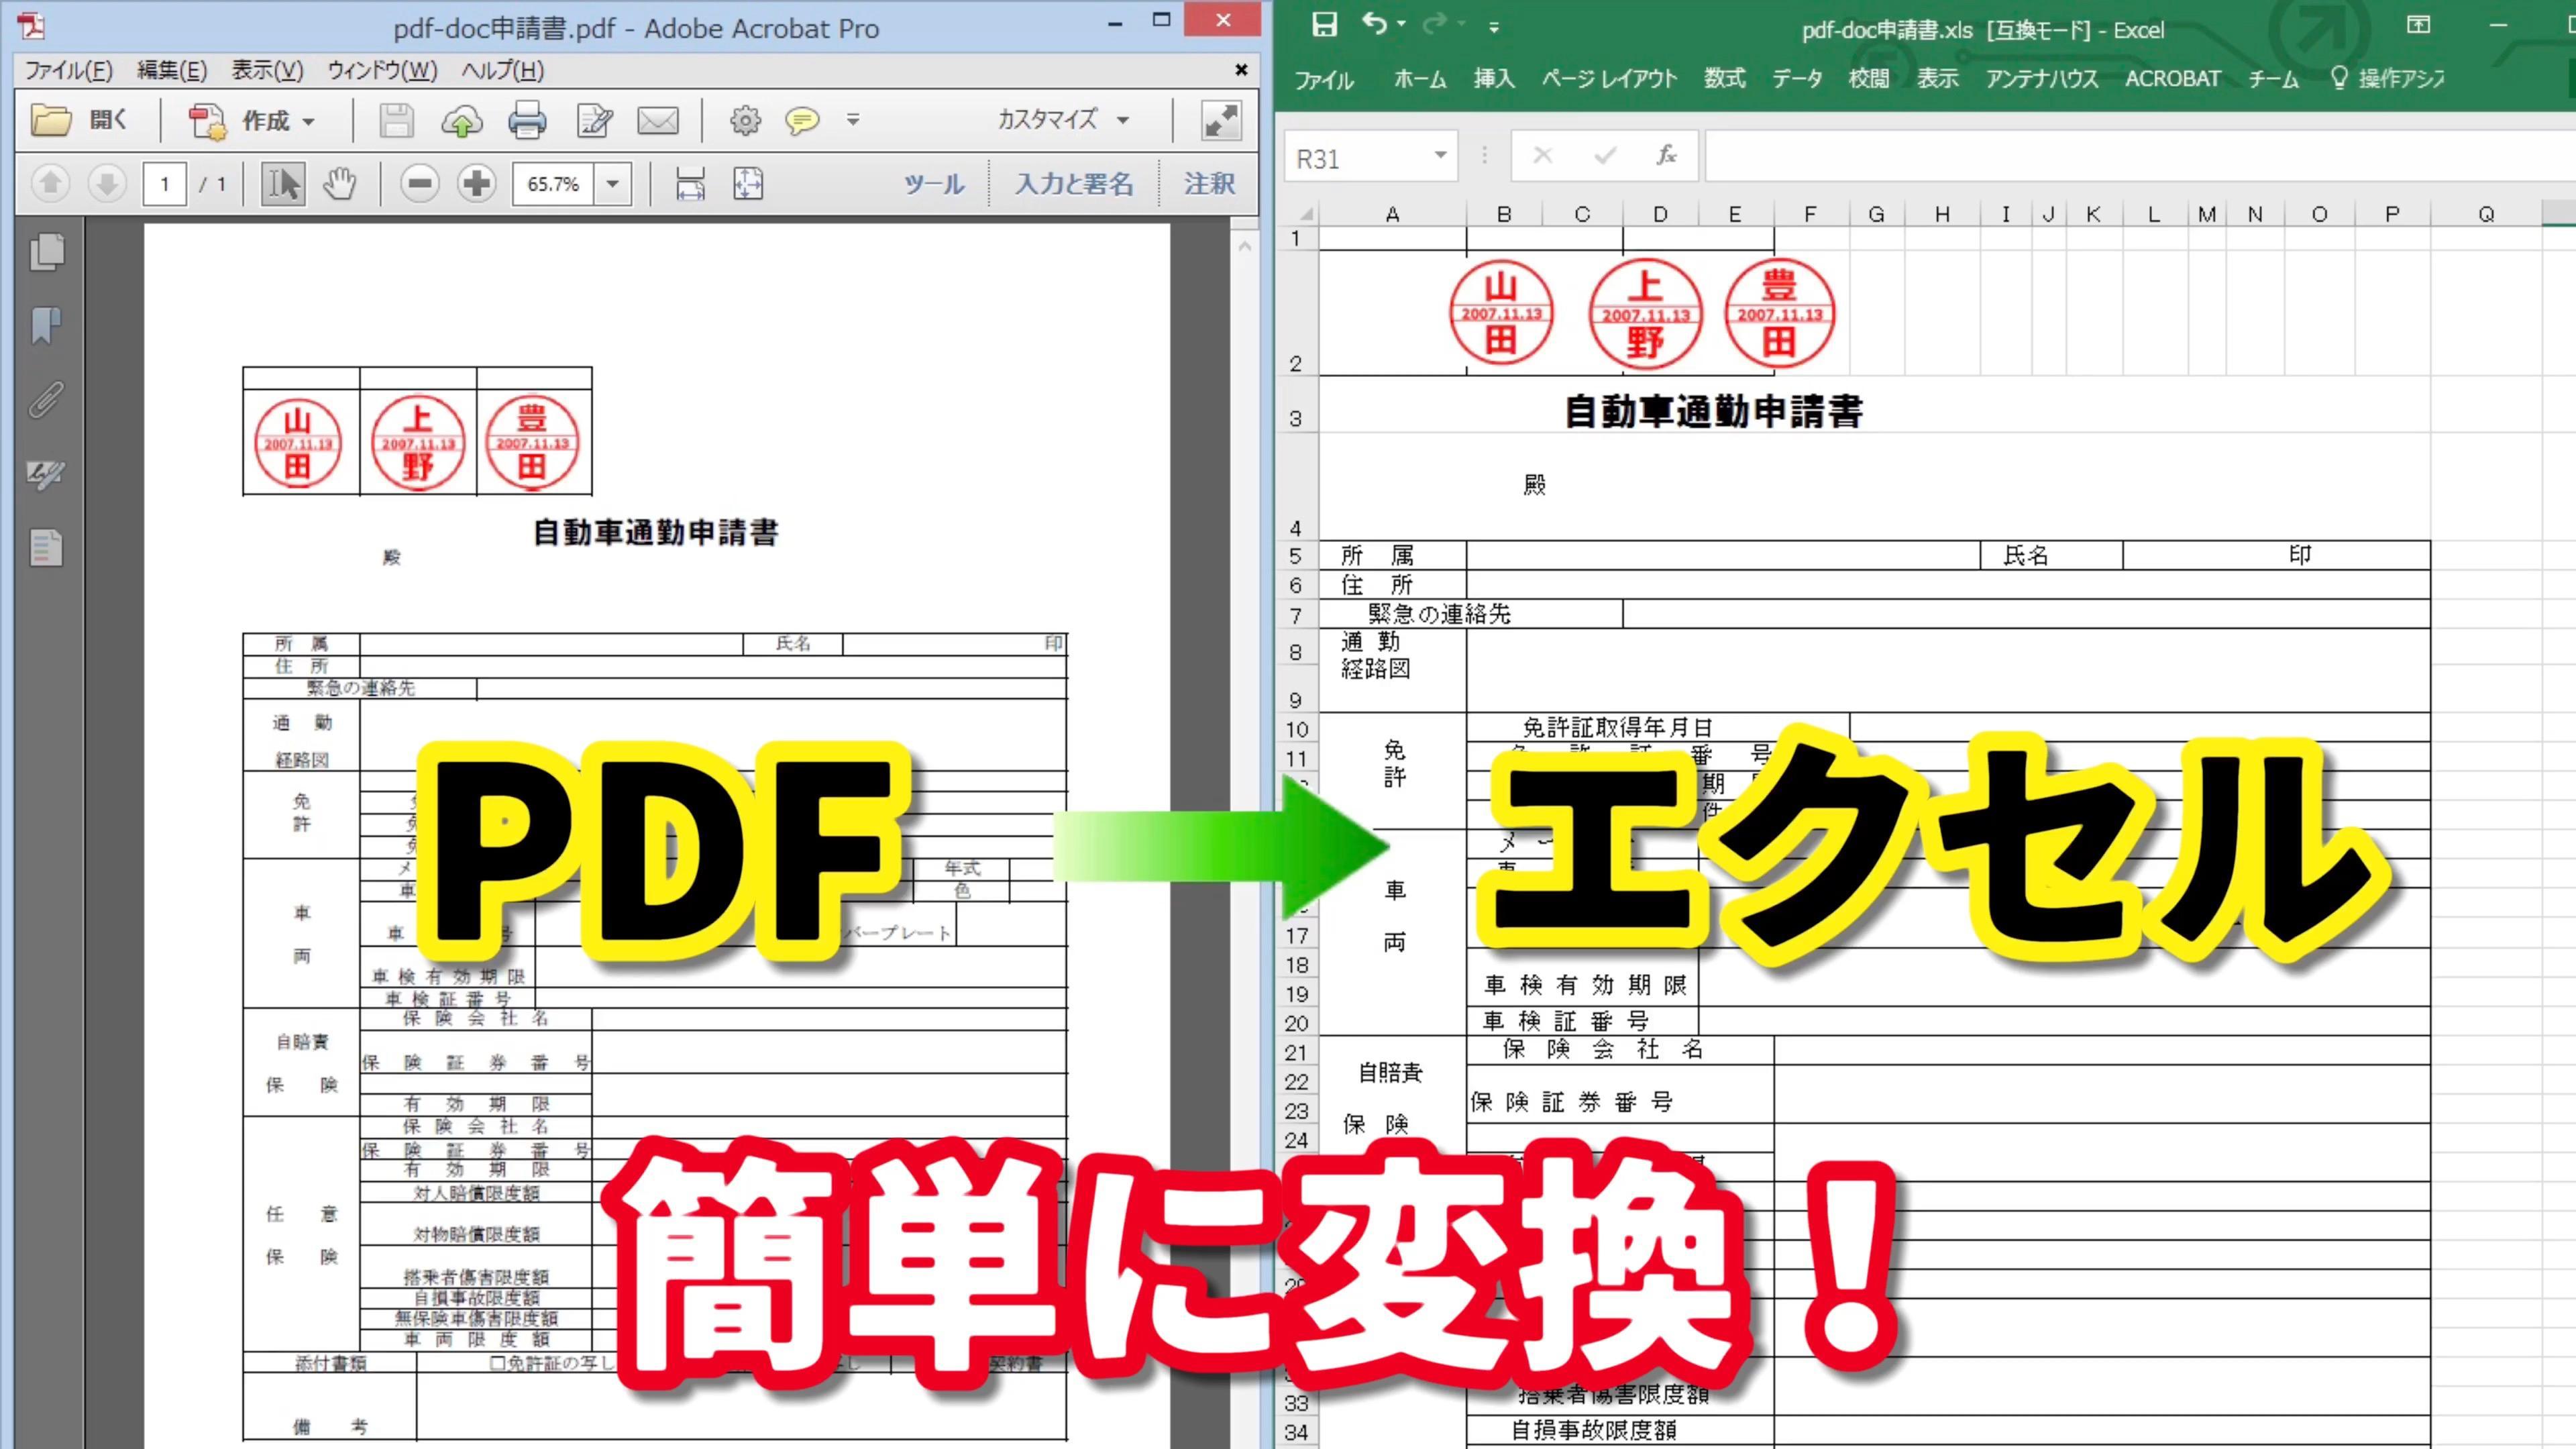 超簡単にPDFファイルをエクセルに変換する方法!